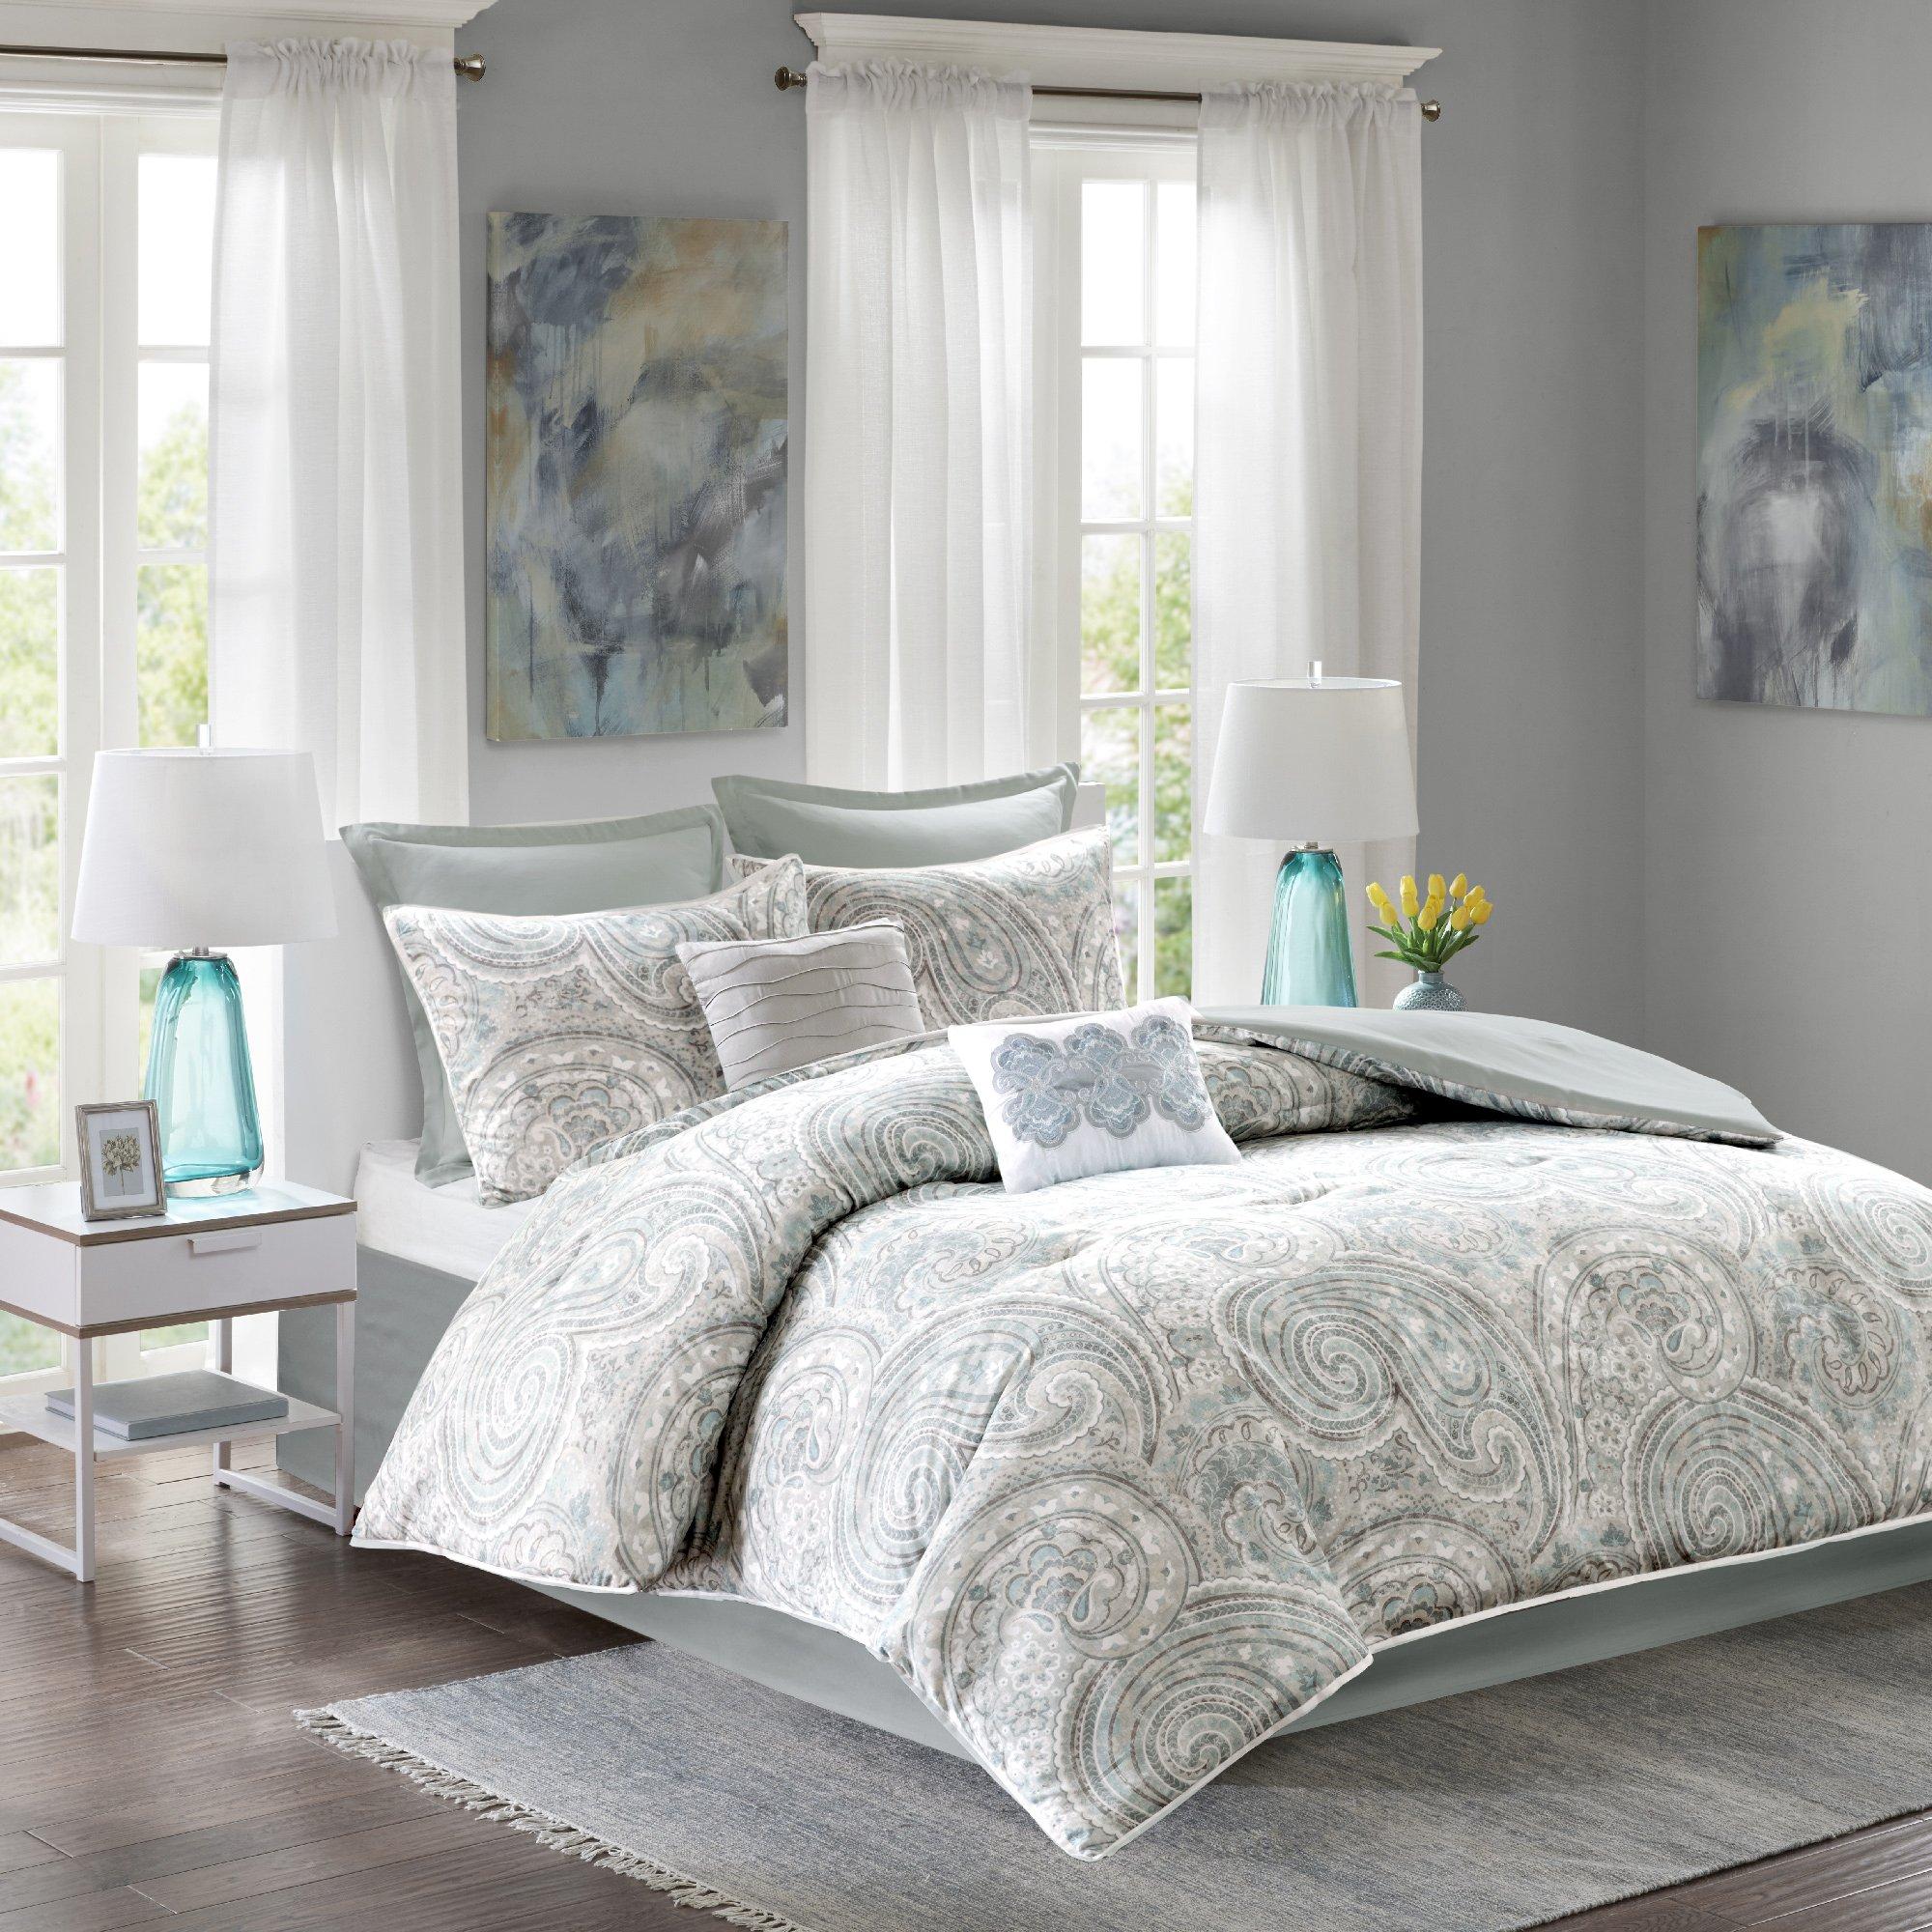 Comfort Spaces - Kashmir Comforter Set - 8 Piece - Paisley Pattern - Blue, Grey, Green - Full/Queen - 1 Comforter, 2 Shams, 1 Bedskirt, 2 Euro Shams, 2 Décorative Pillows